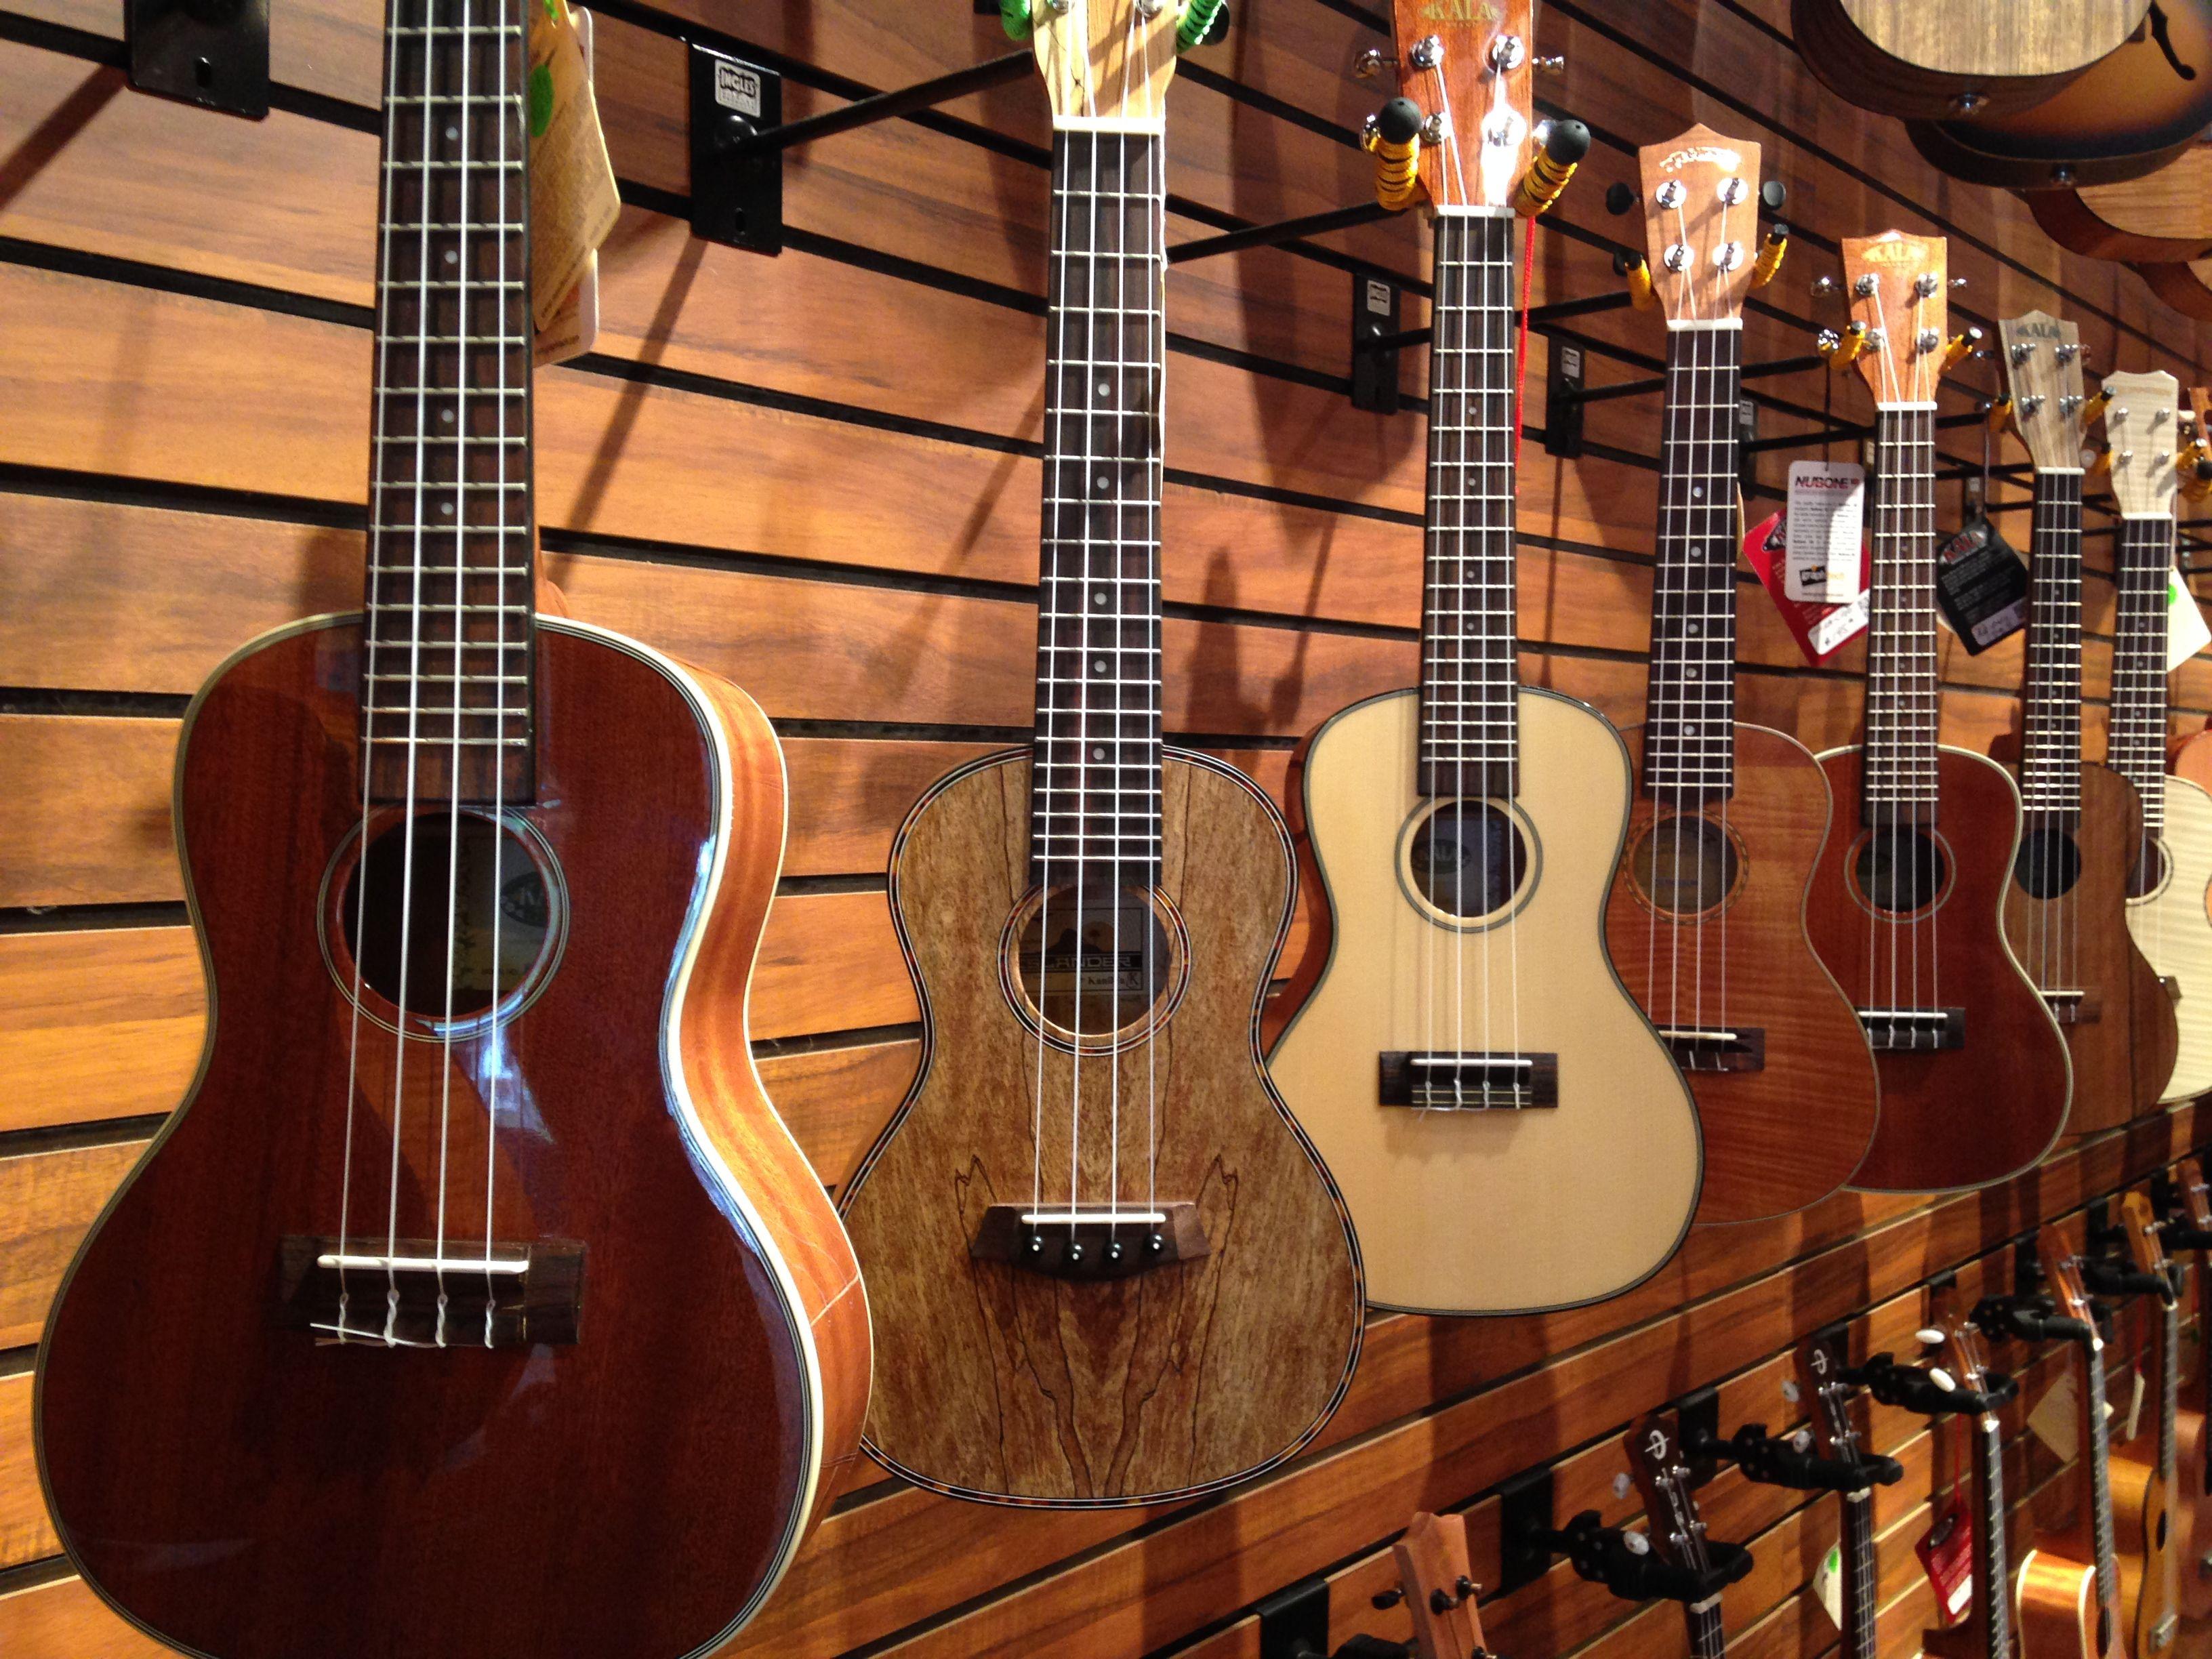 Take away your new ukulele skills with a new ukulele from